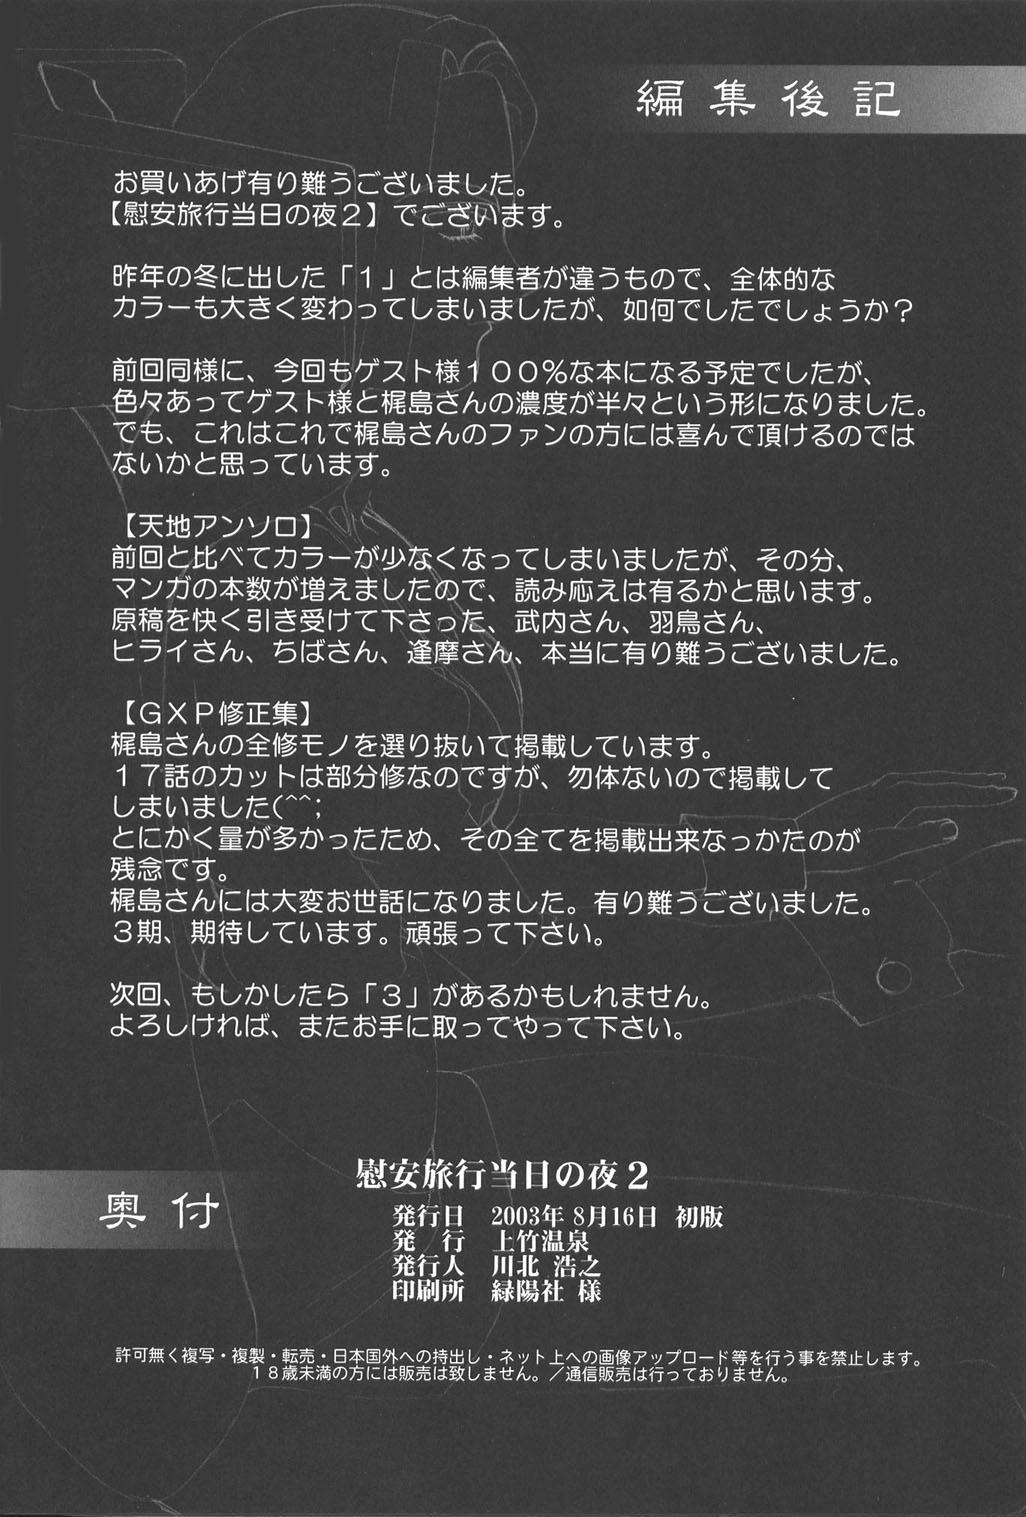 Ianryokou Toujitsu No Yoru 2 73